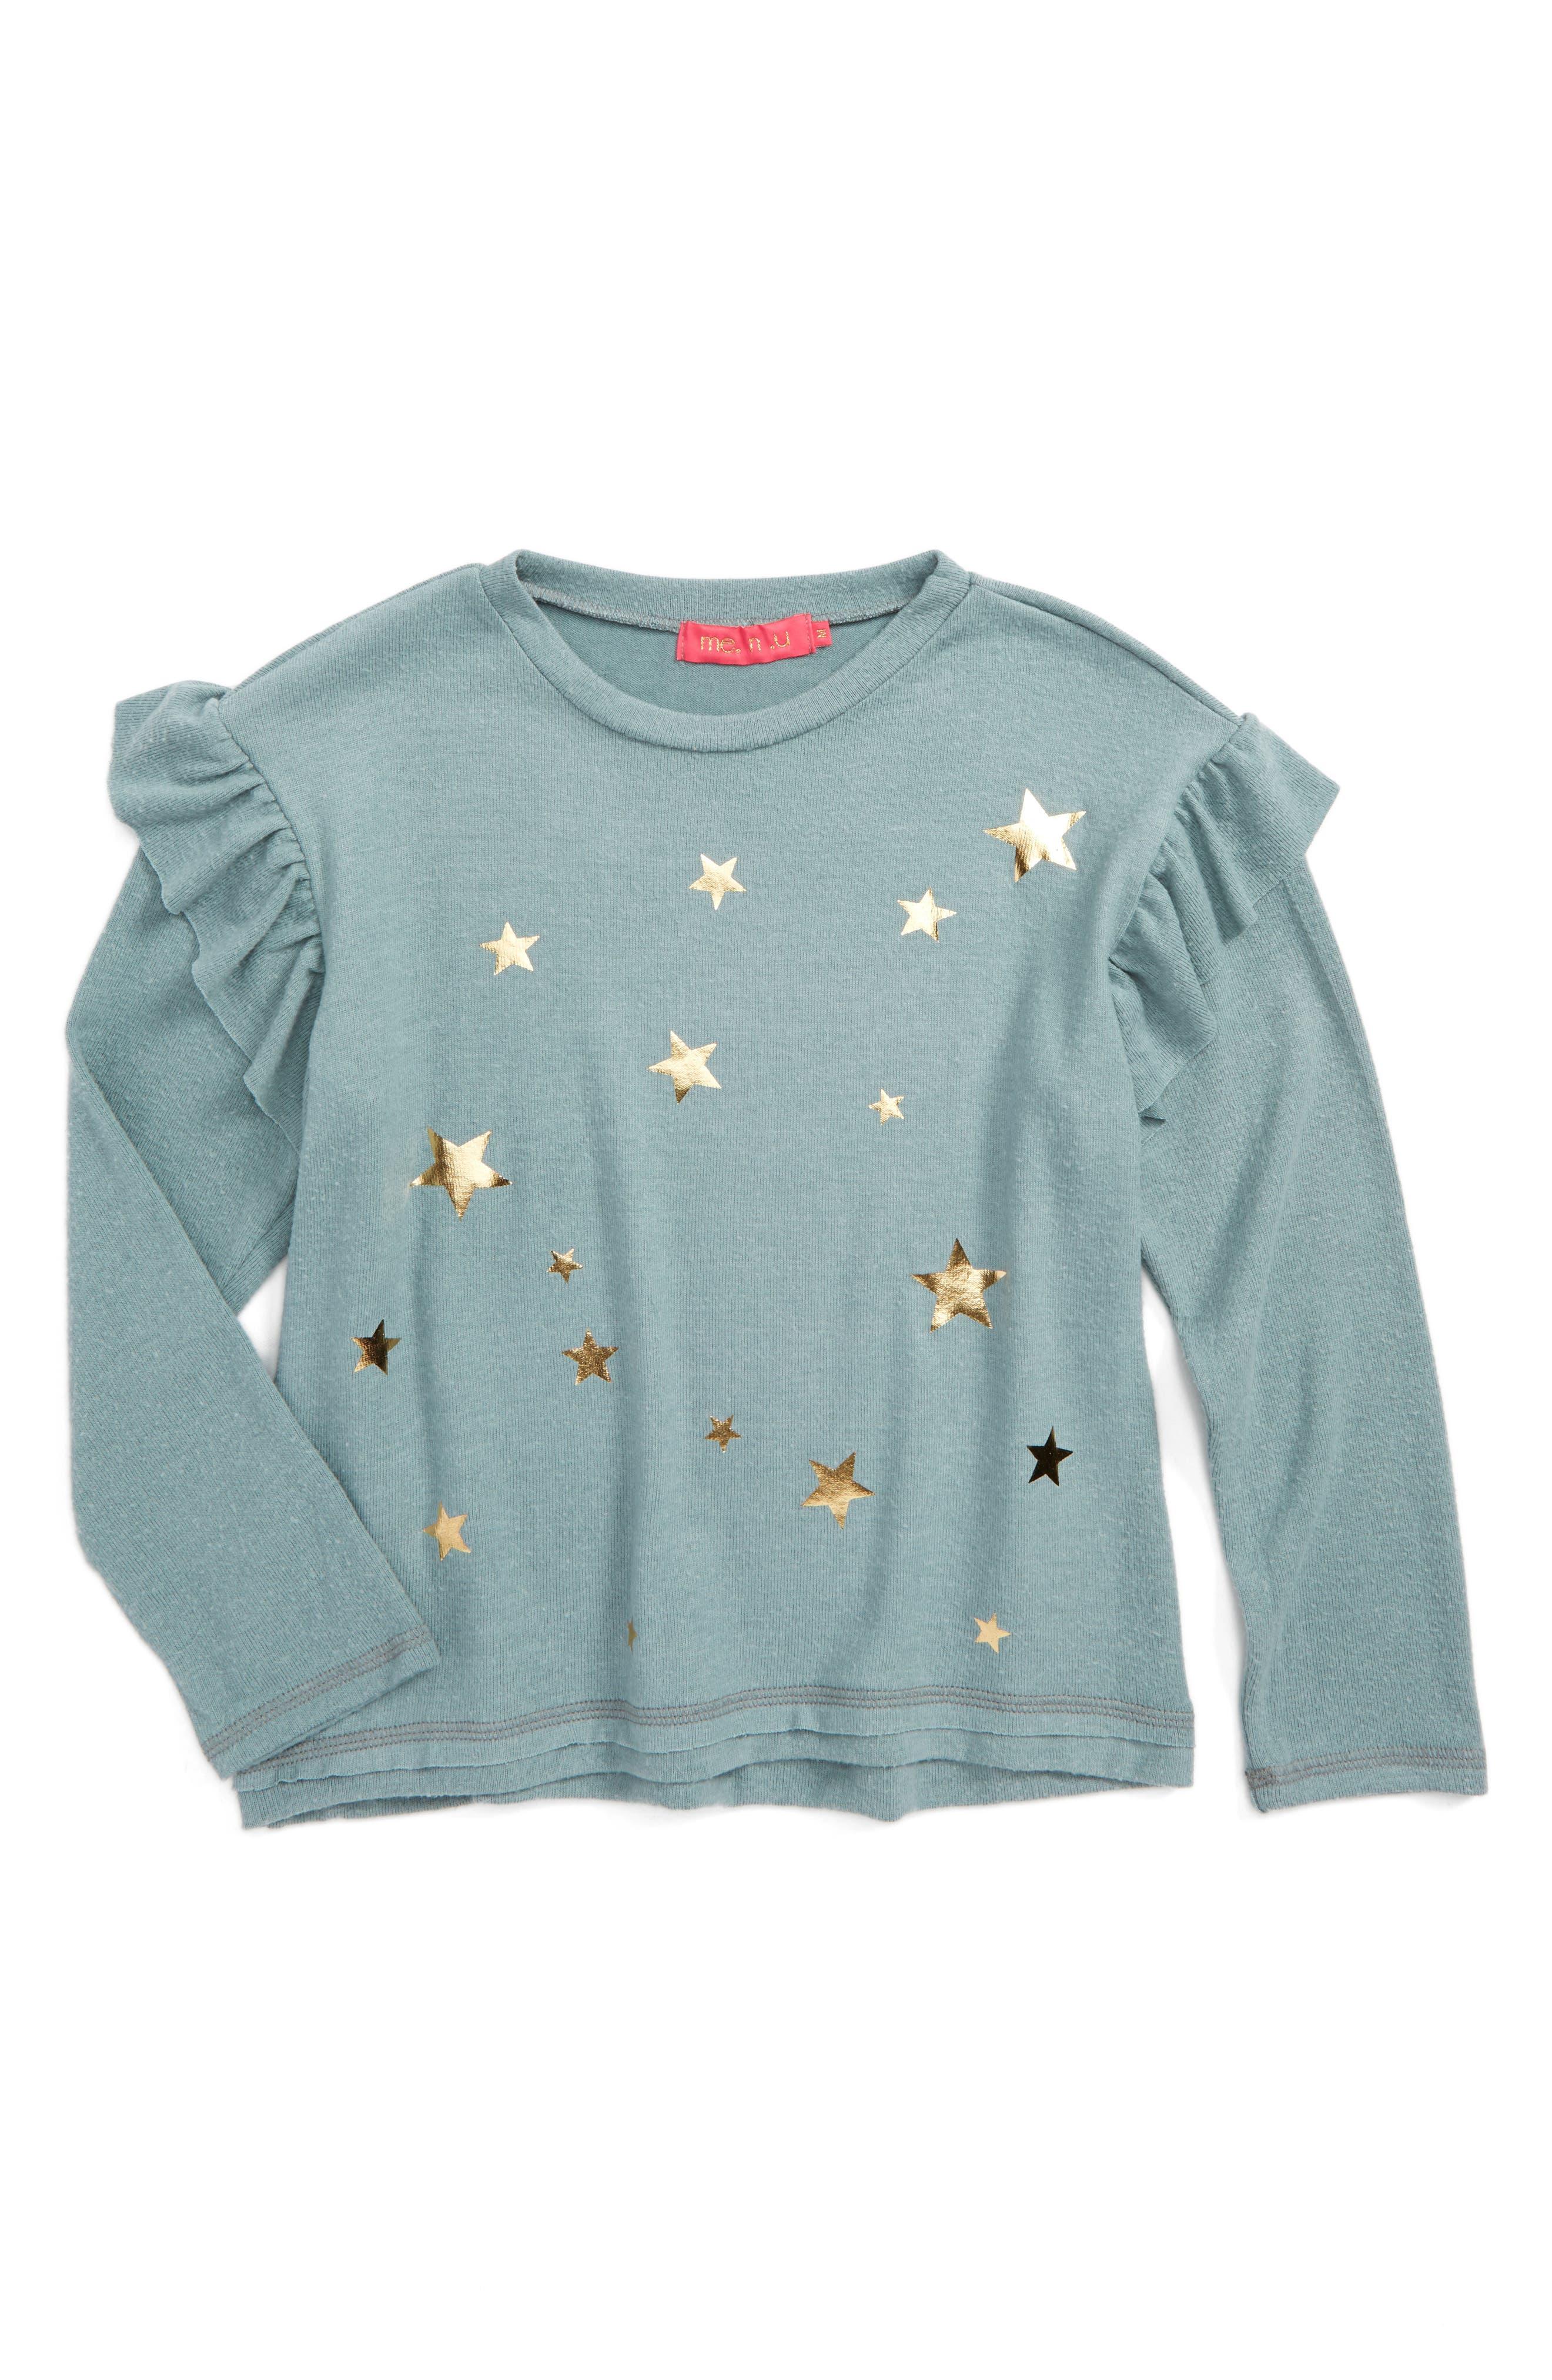 me.n.u Star Print Ruffle Sweatshirt (Big Girls)